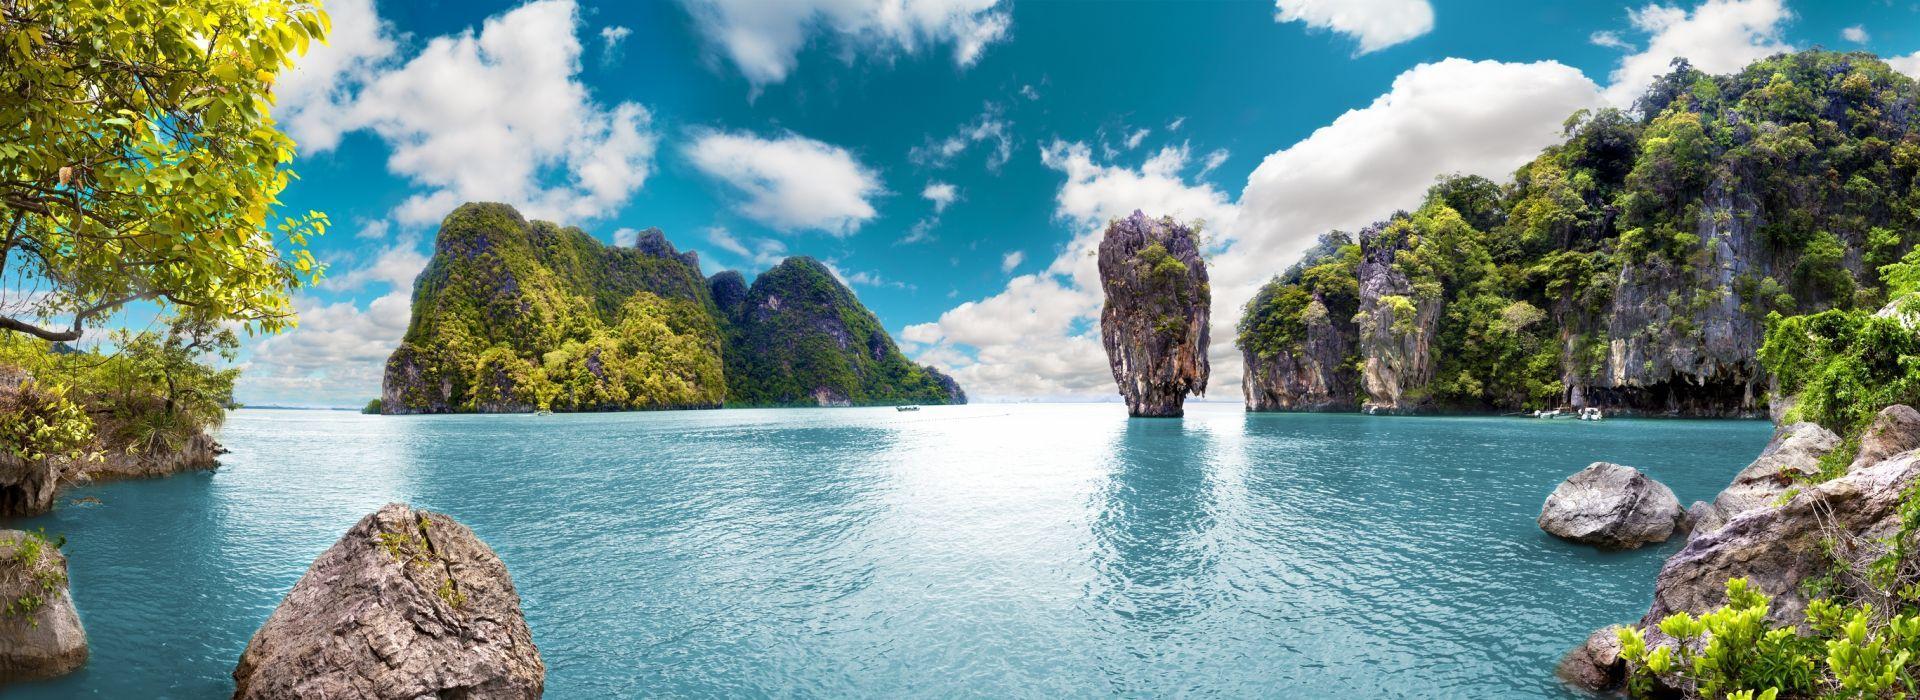 Rafting Tours in Bangkok